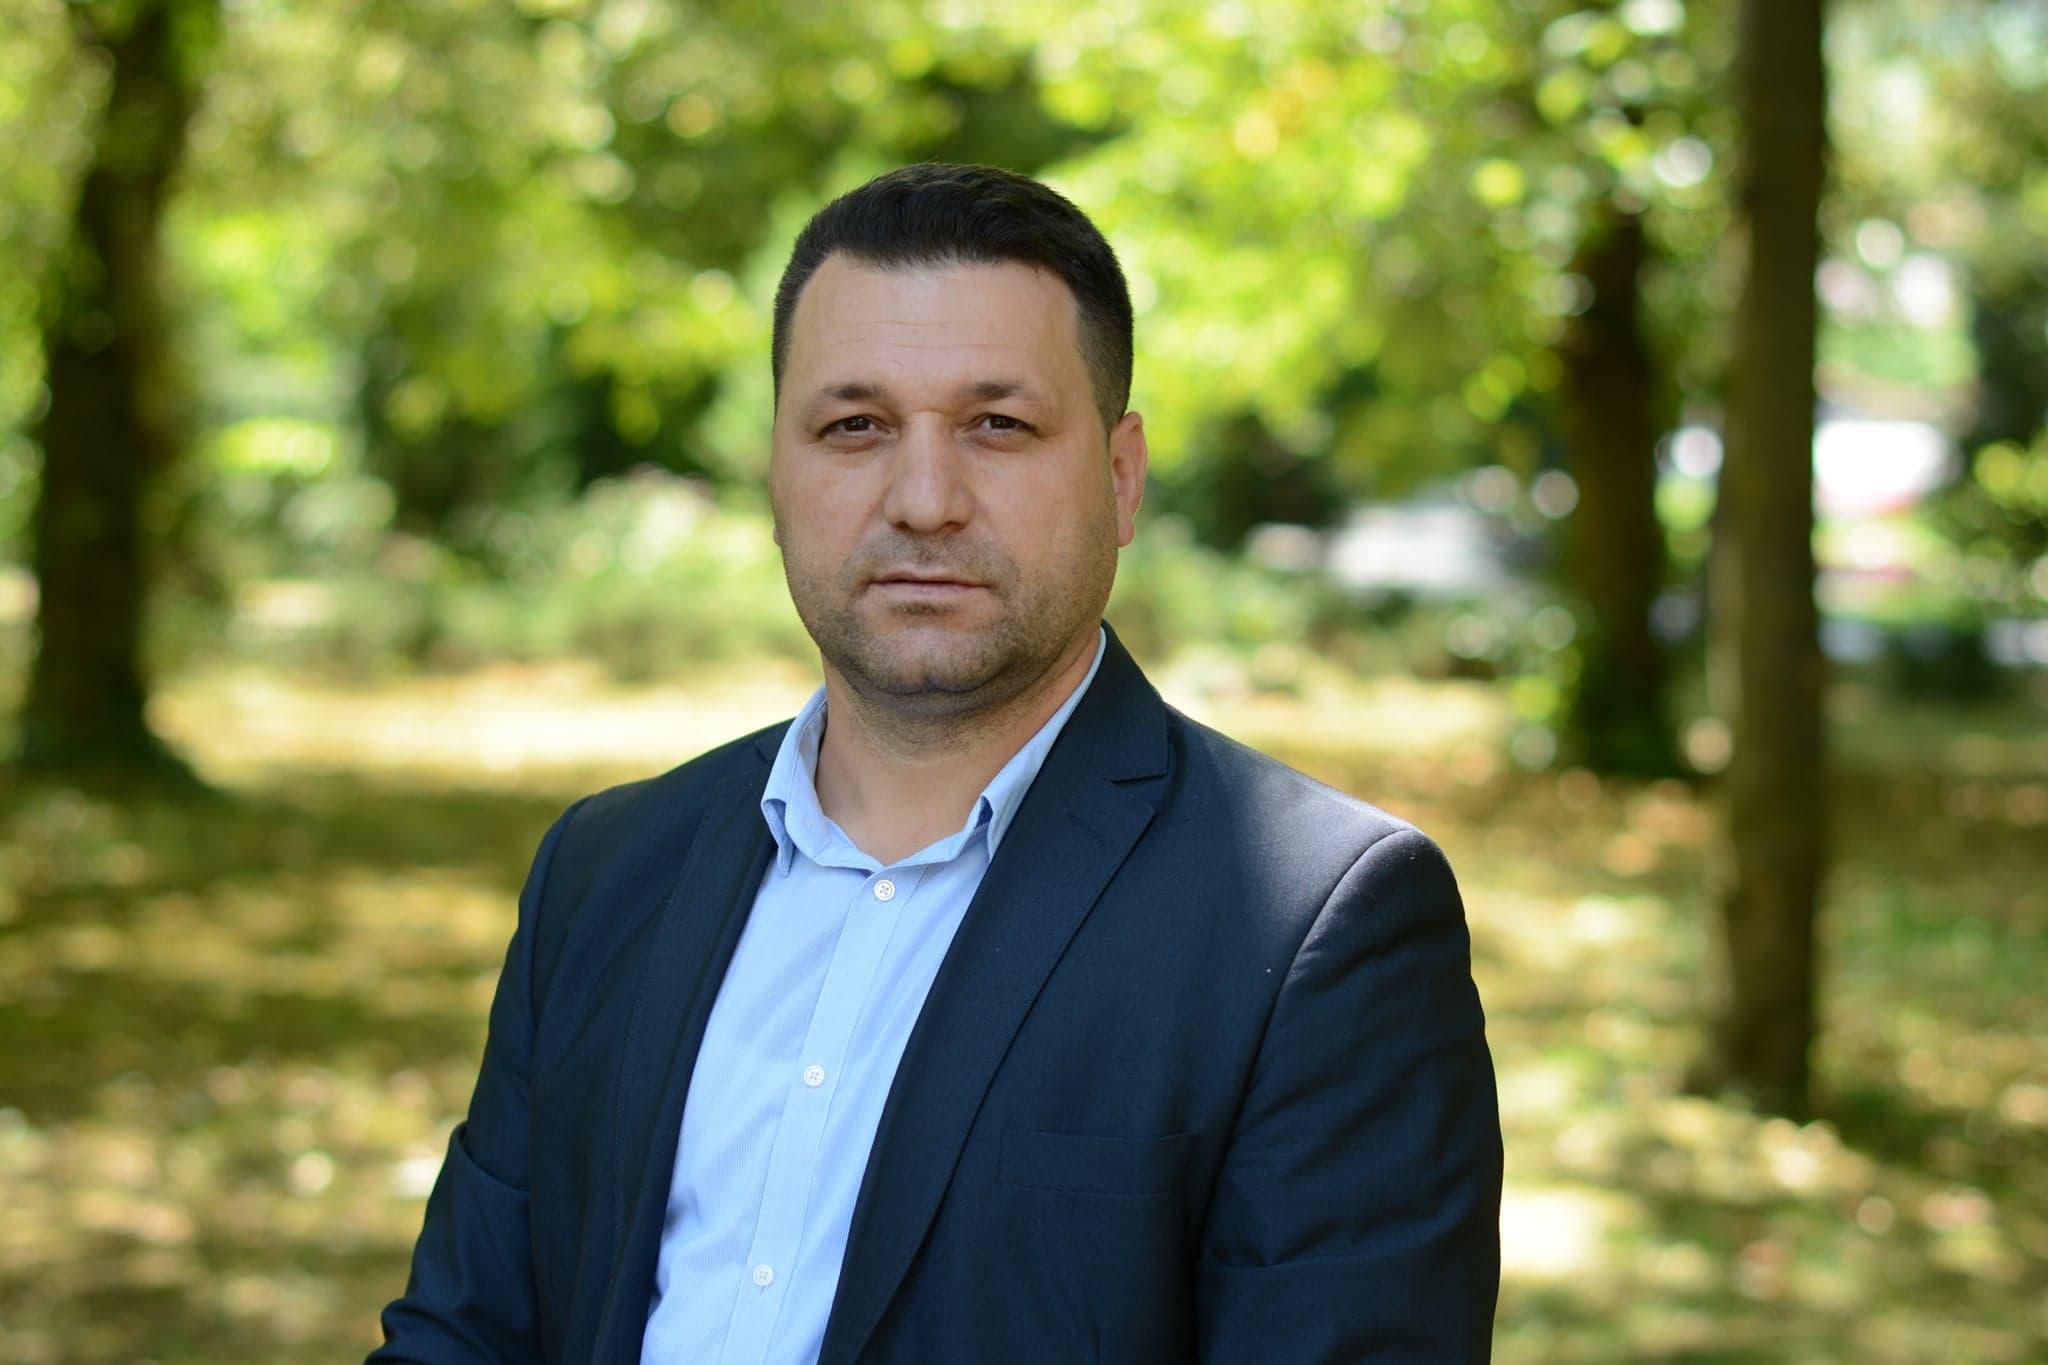 Bugetul localităţii Goleşti, orientat către investiţii, spune primarul Adrian Mitrache